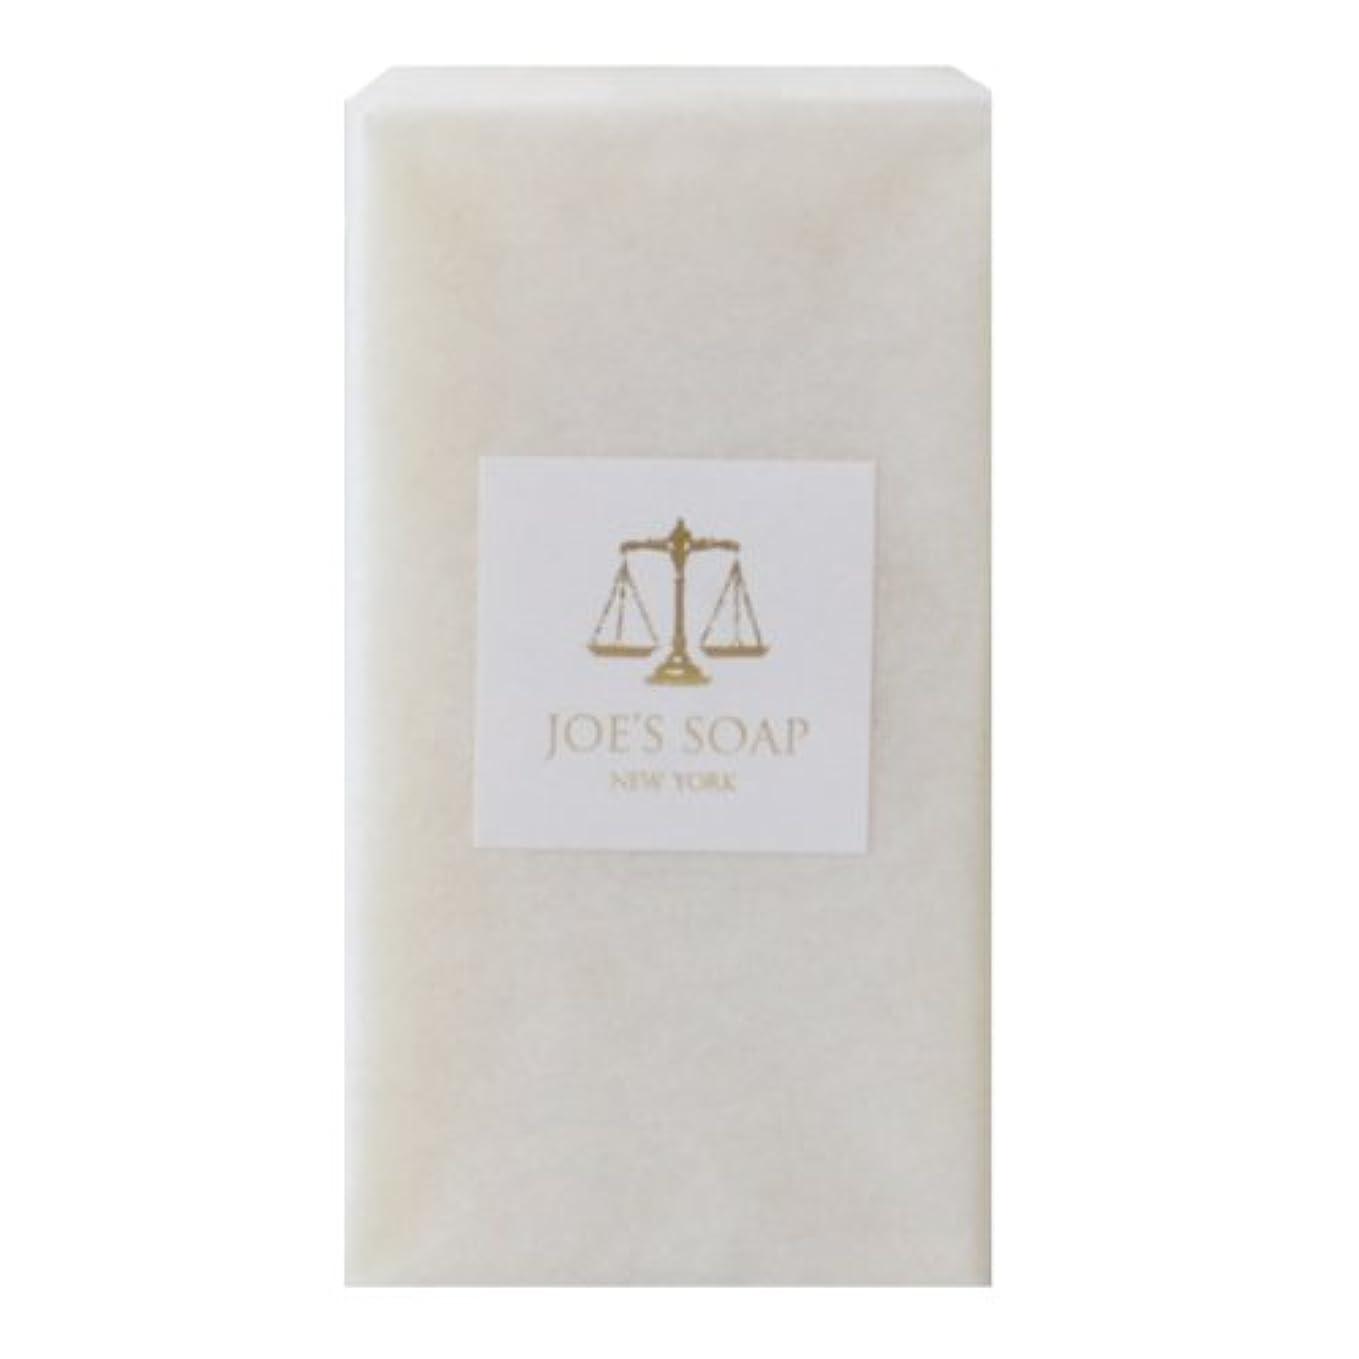 革命的輝度反動JOE'S SOAP ジョーズソープ オリーブソープ NO.1 100g 石鹸 無香料 無添加 オーガニックソープ 洗顔料 オリーブ石けん せっけん 固形 定形外郵便